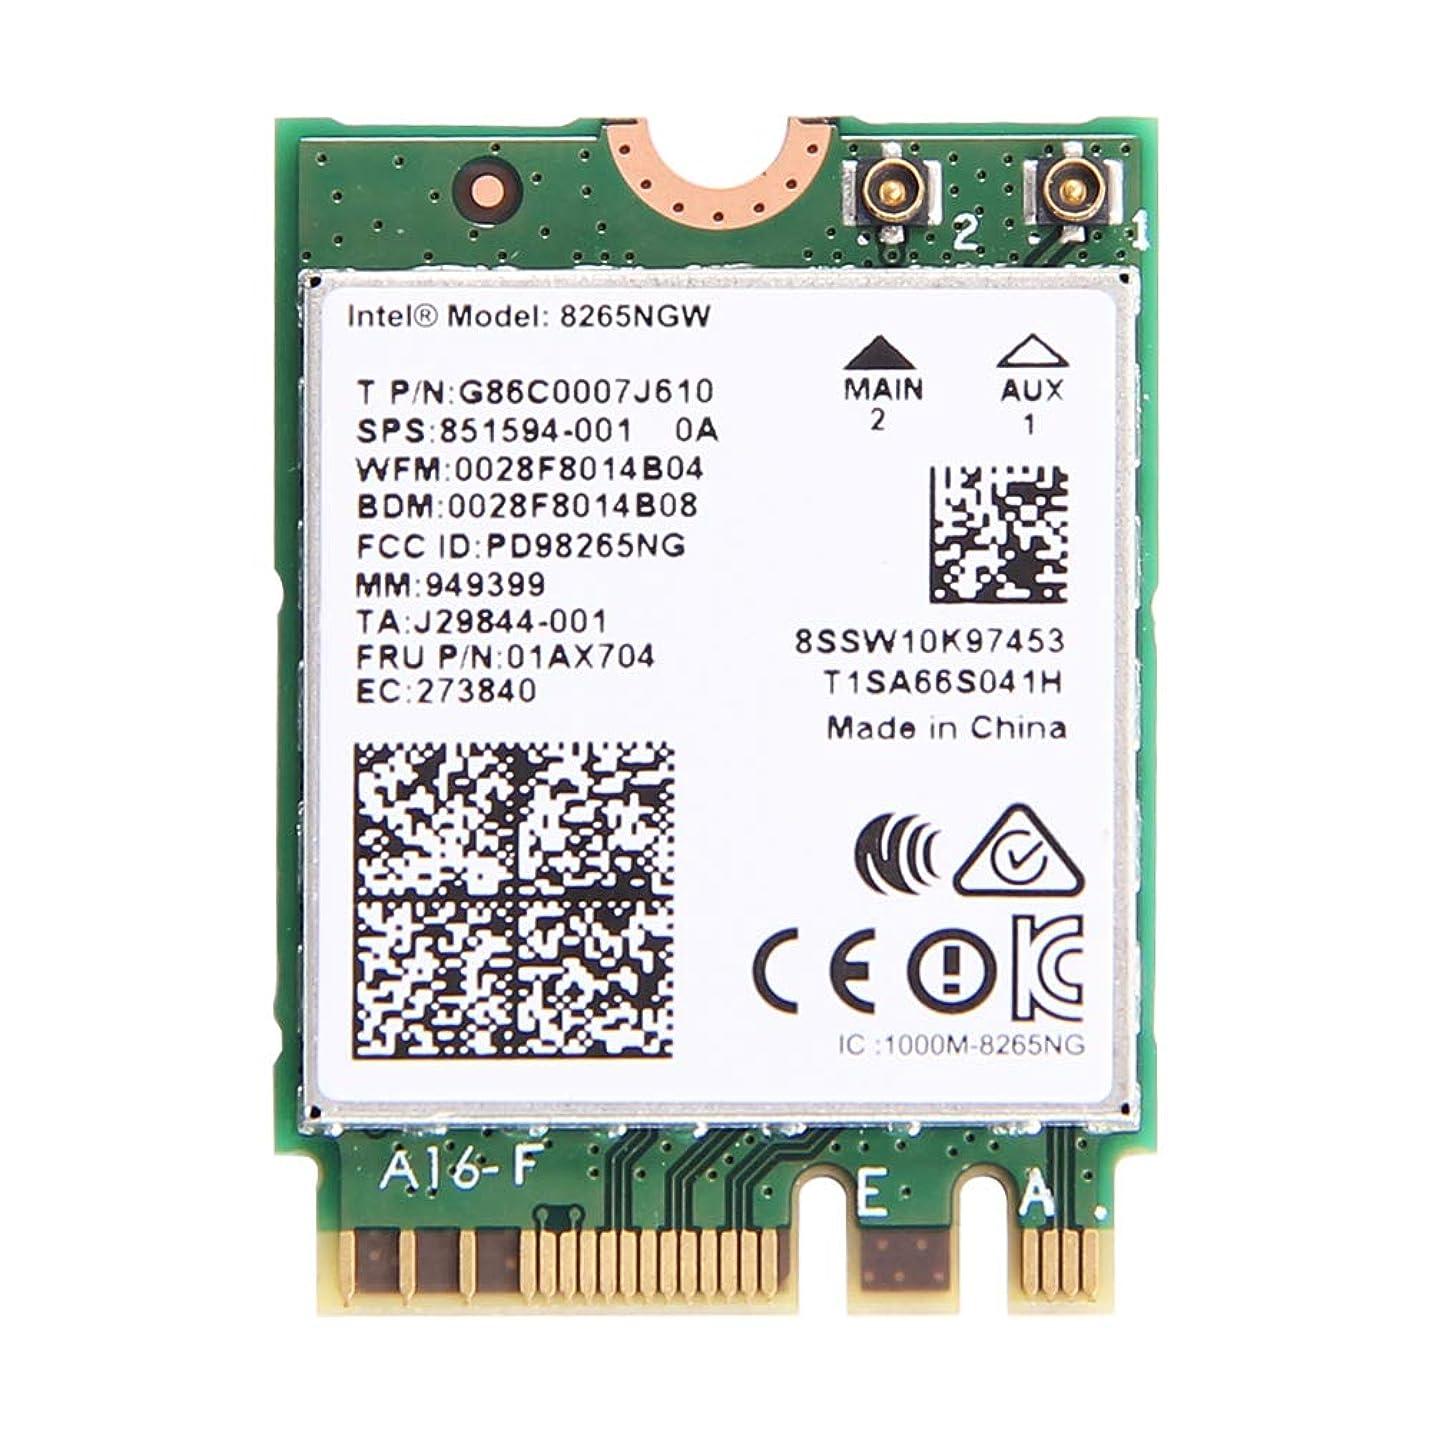 ちっちゃいイチゴ比較的インテル Intel PRO/Wireless 2915ABG Network Connection 802.11a/b/g Mini PCI 無線LANカード